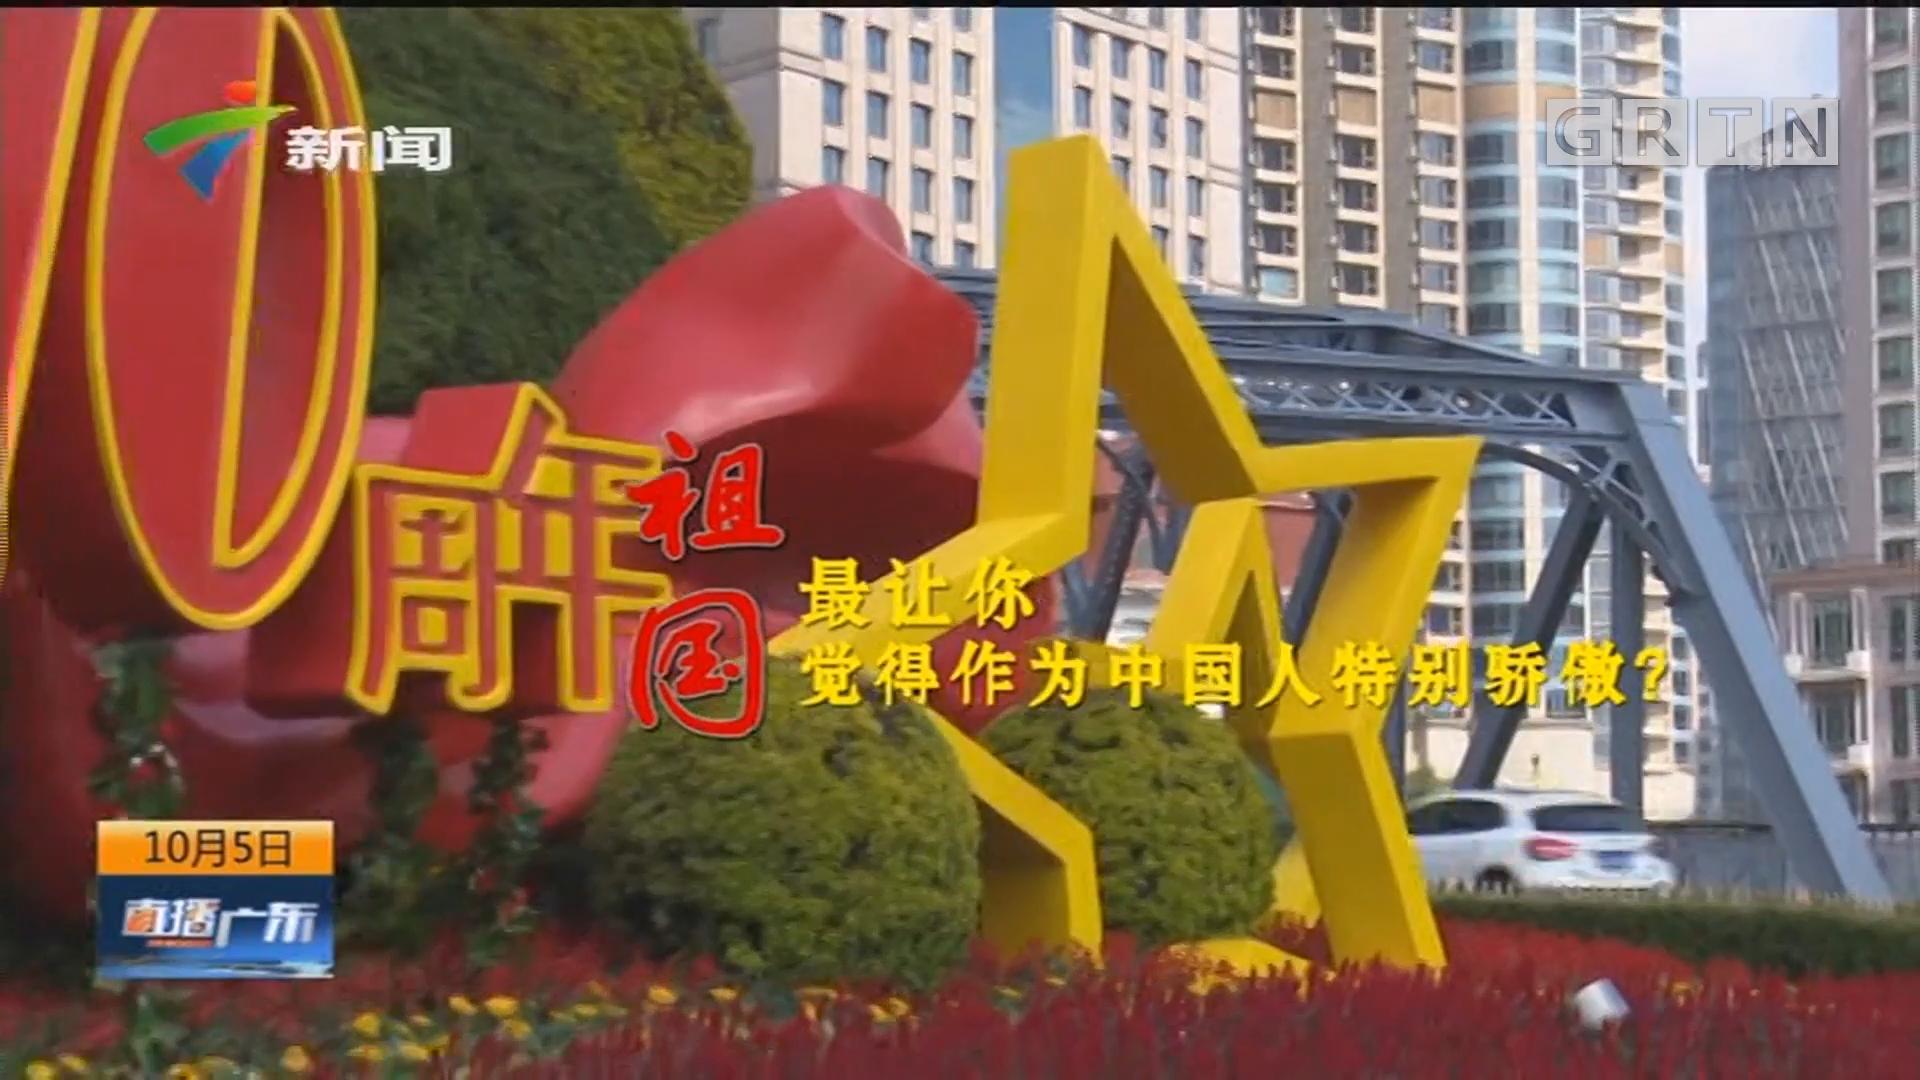 我向祖国表白:哪一瞬间 祖国最让你觉得作为中国人特别骄傲?